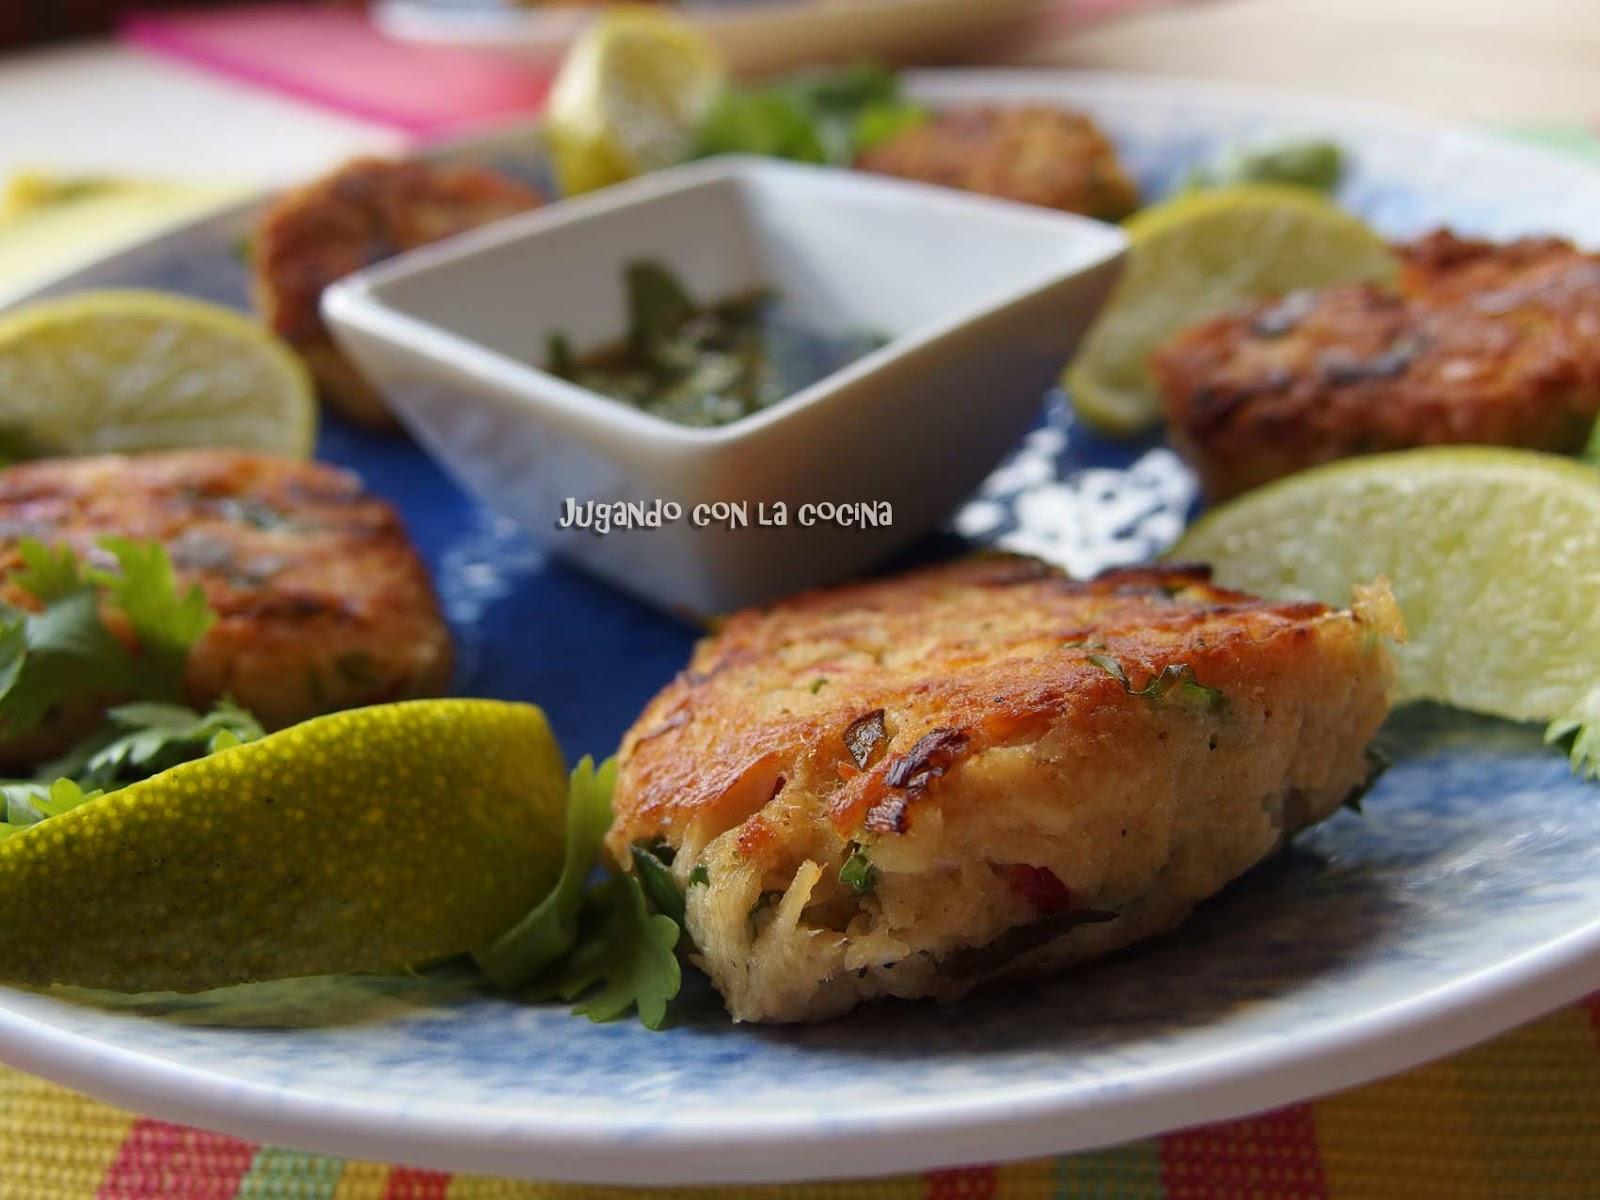 ... : Pastelitos burguer de atún con especias - Spicy tuna fish cakes